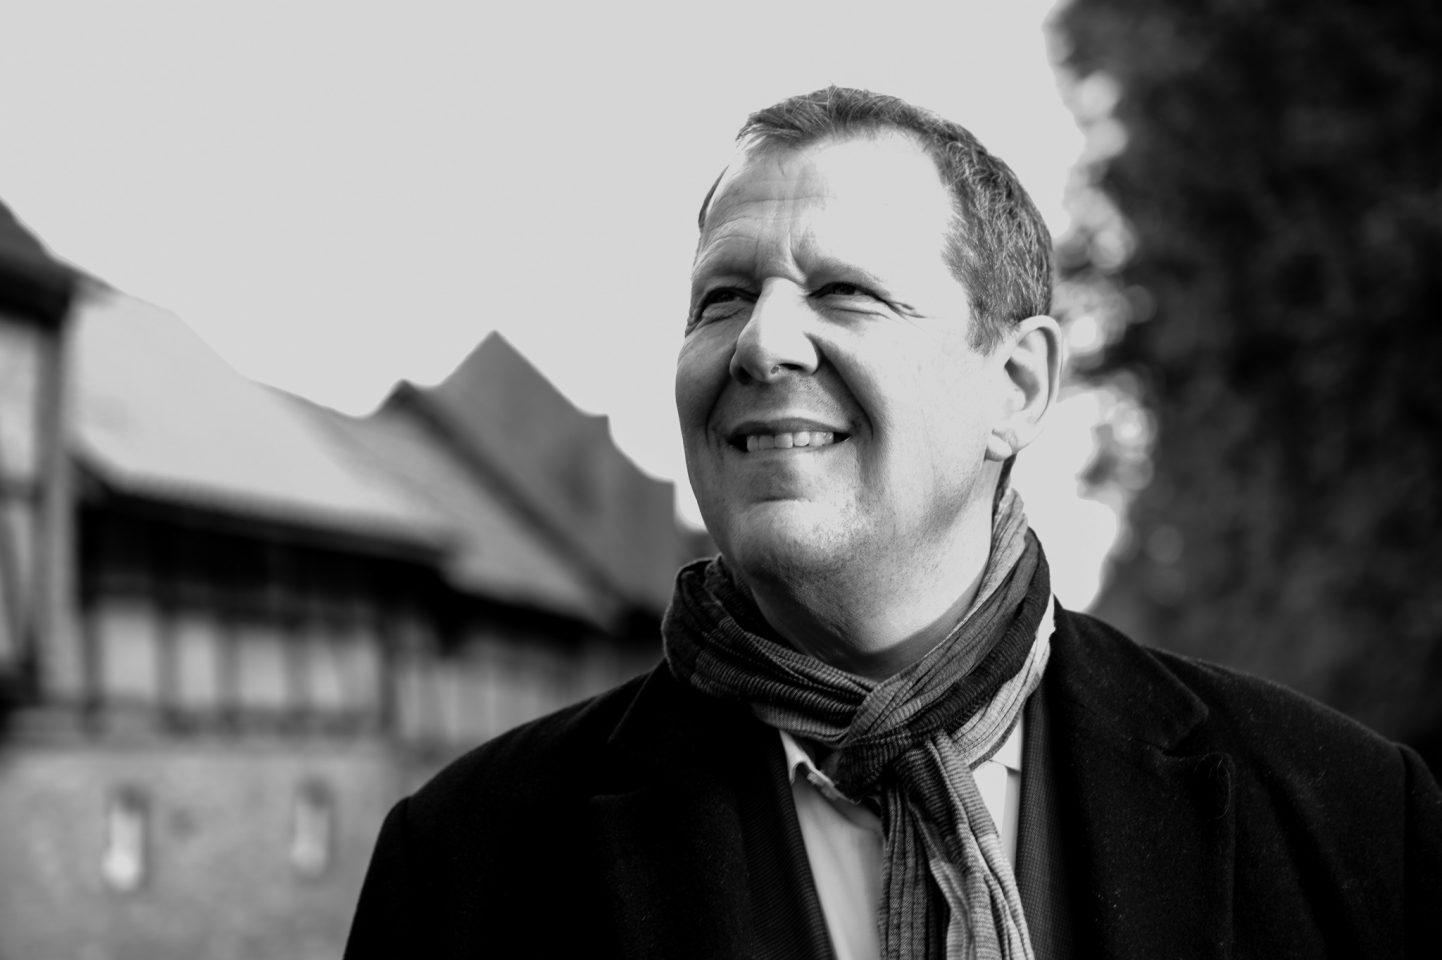 Interview mit Matthias Kaufmann, Dipl.-Ing. Architekt, Dipl. Wohnungs- und Immobilienwirt (EBZ) und Geschäftsführer der kwg Hildesheim